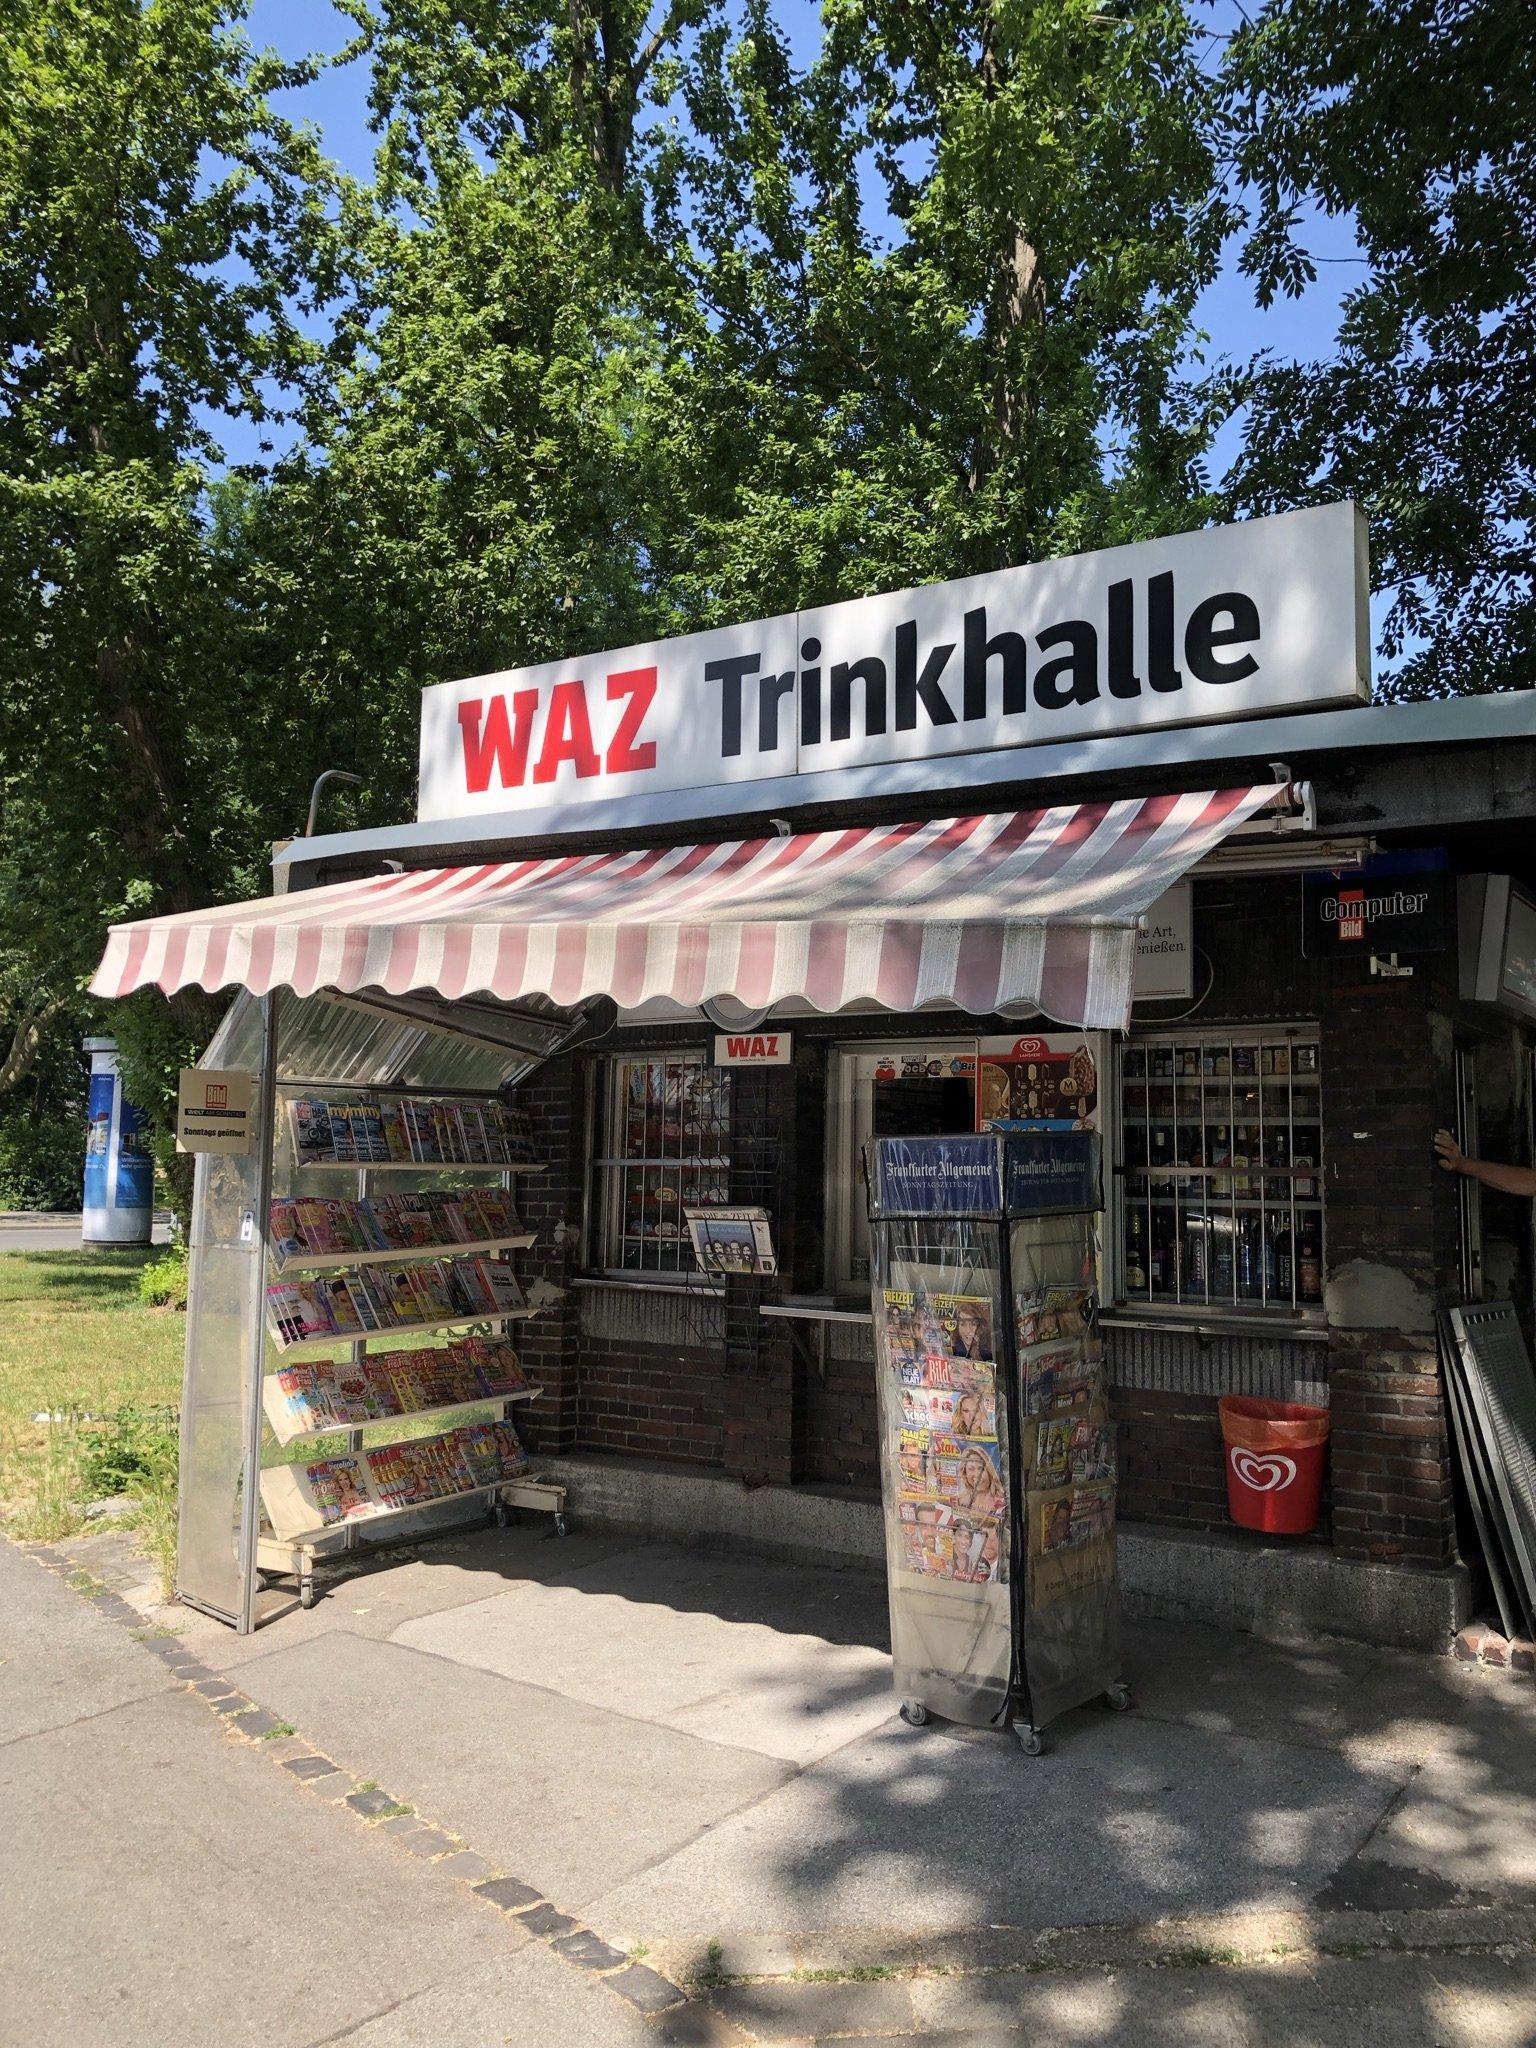 Hübsches Antlitz der WAZ Trinkhalle an der Zeppelinallee in Gelsenkirchen